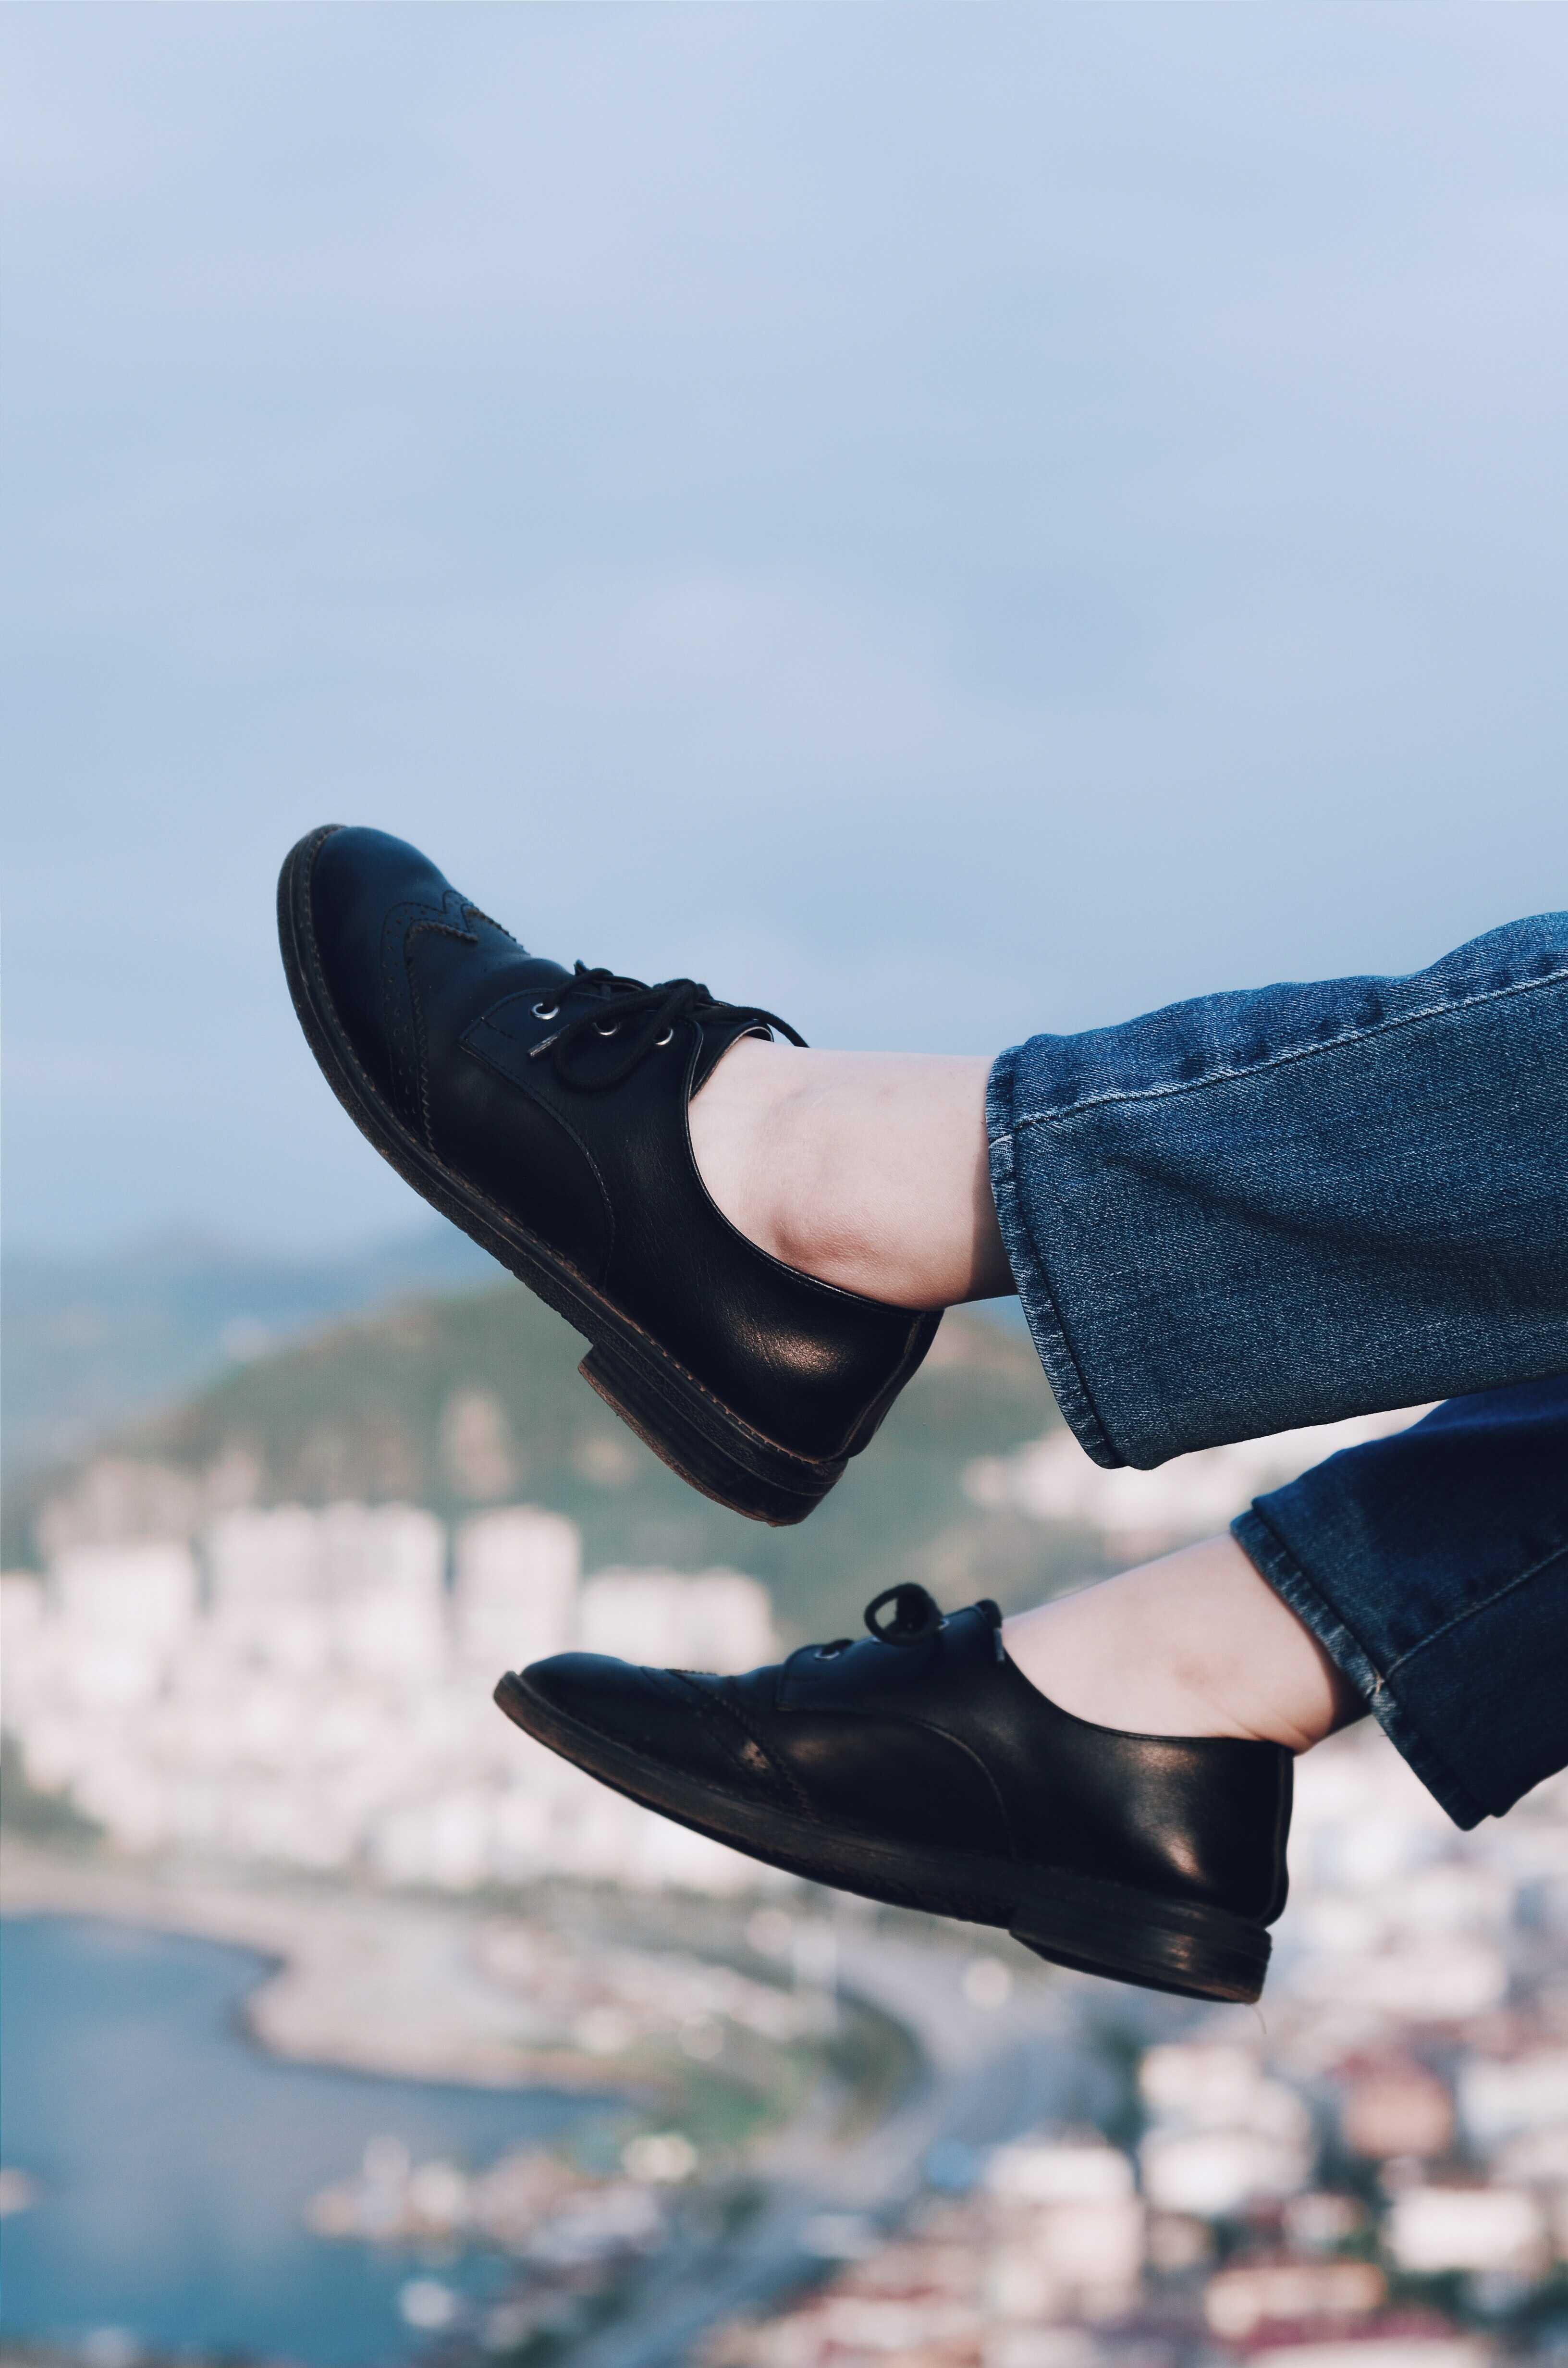 a black shoes